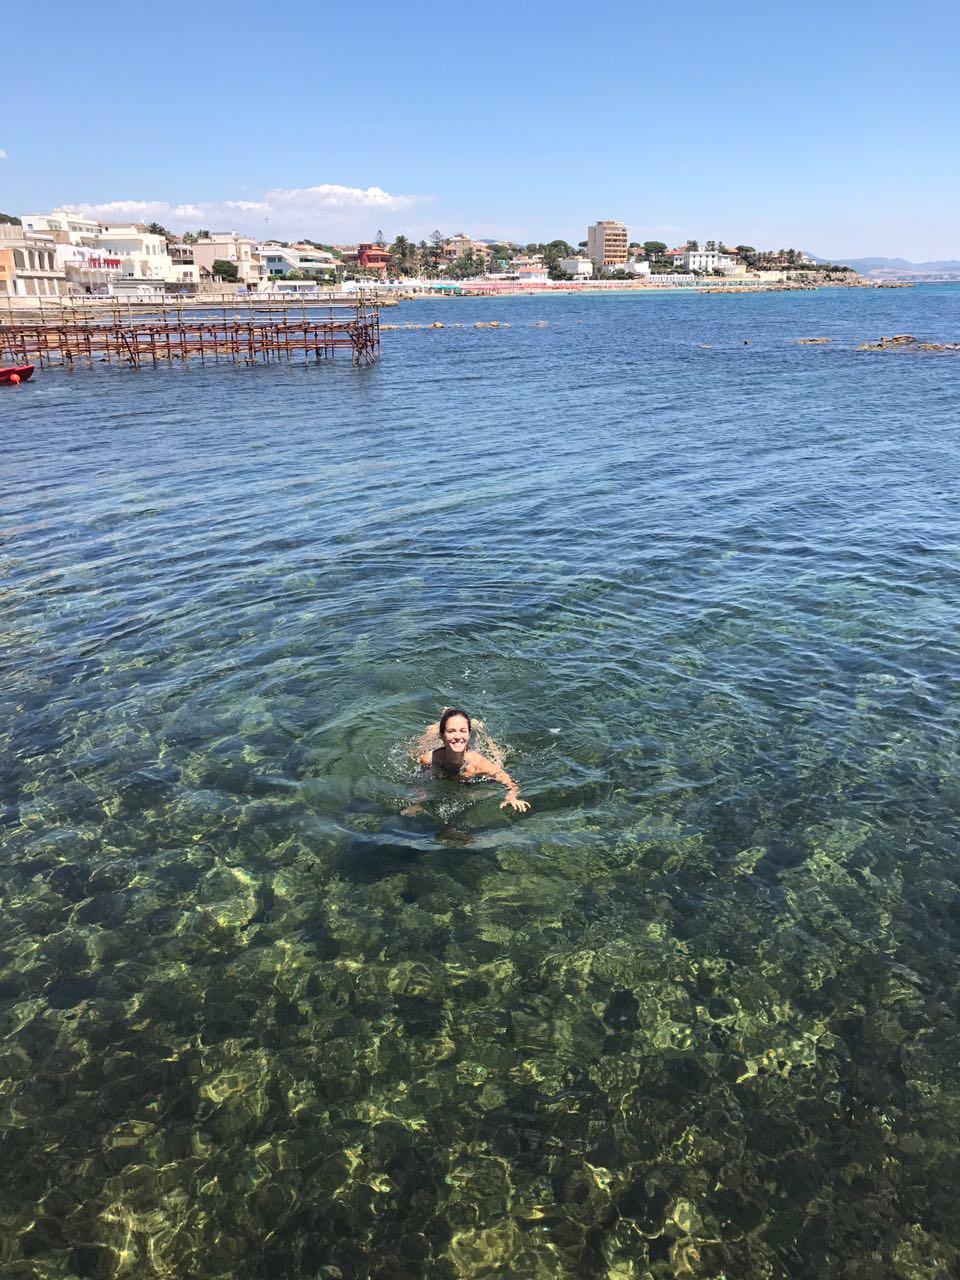 Nadando em Santa Marinella